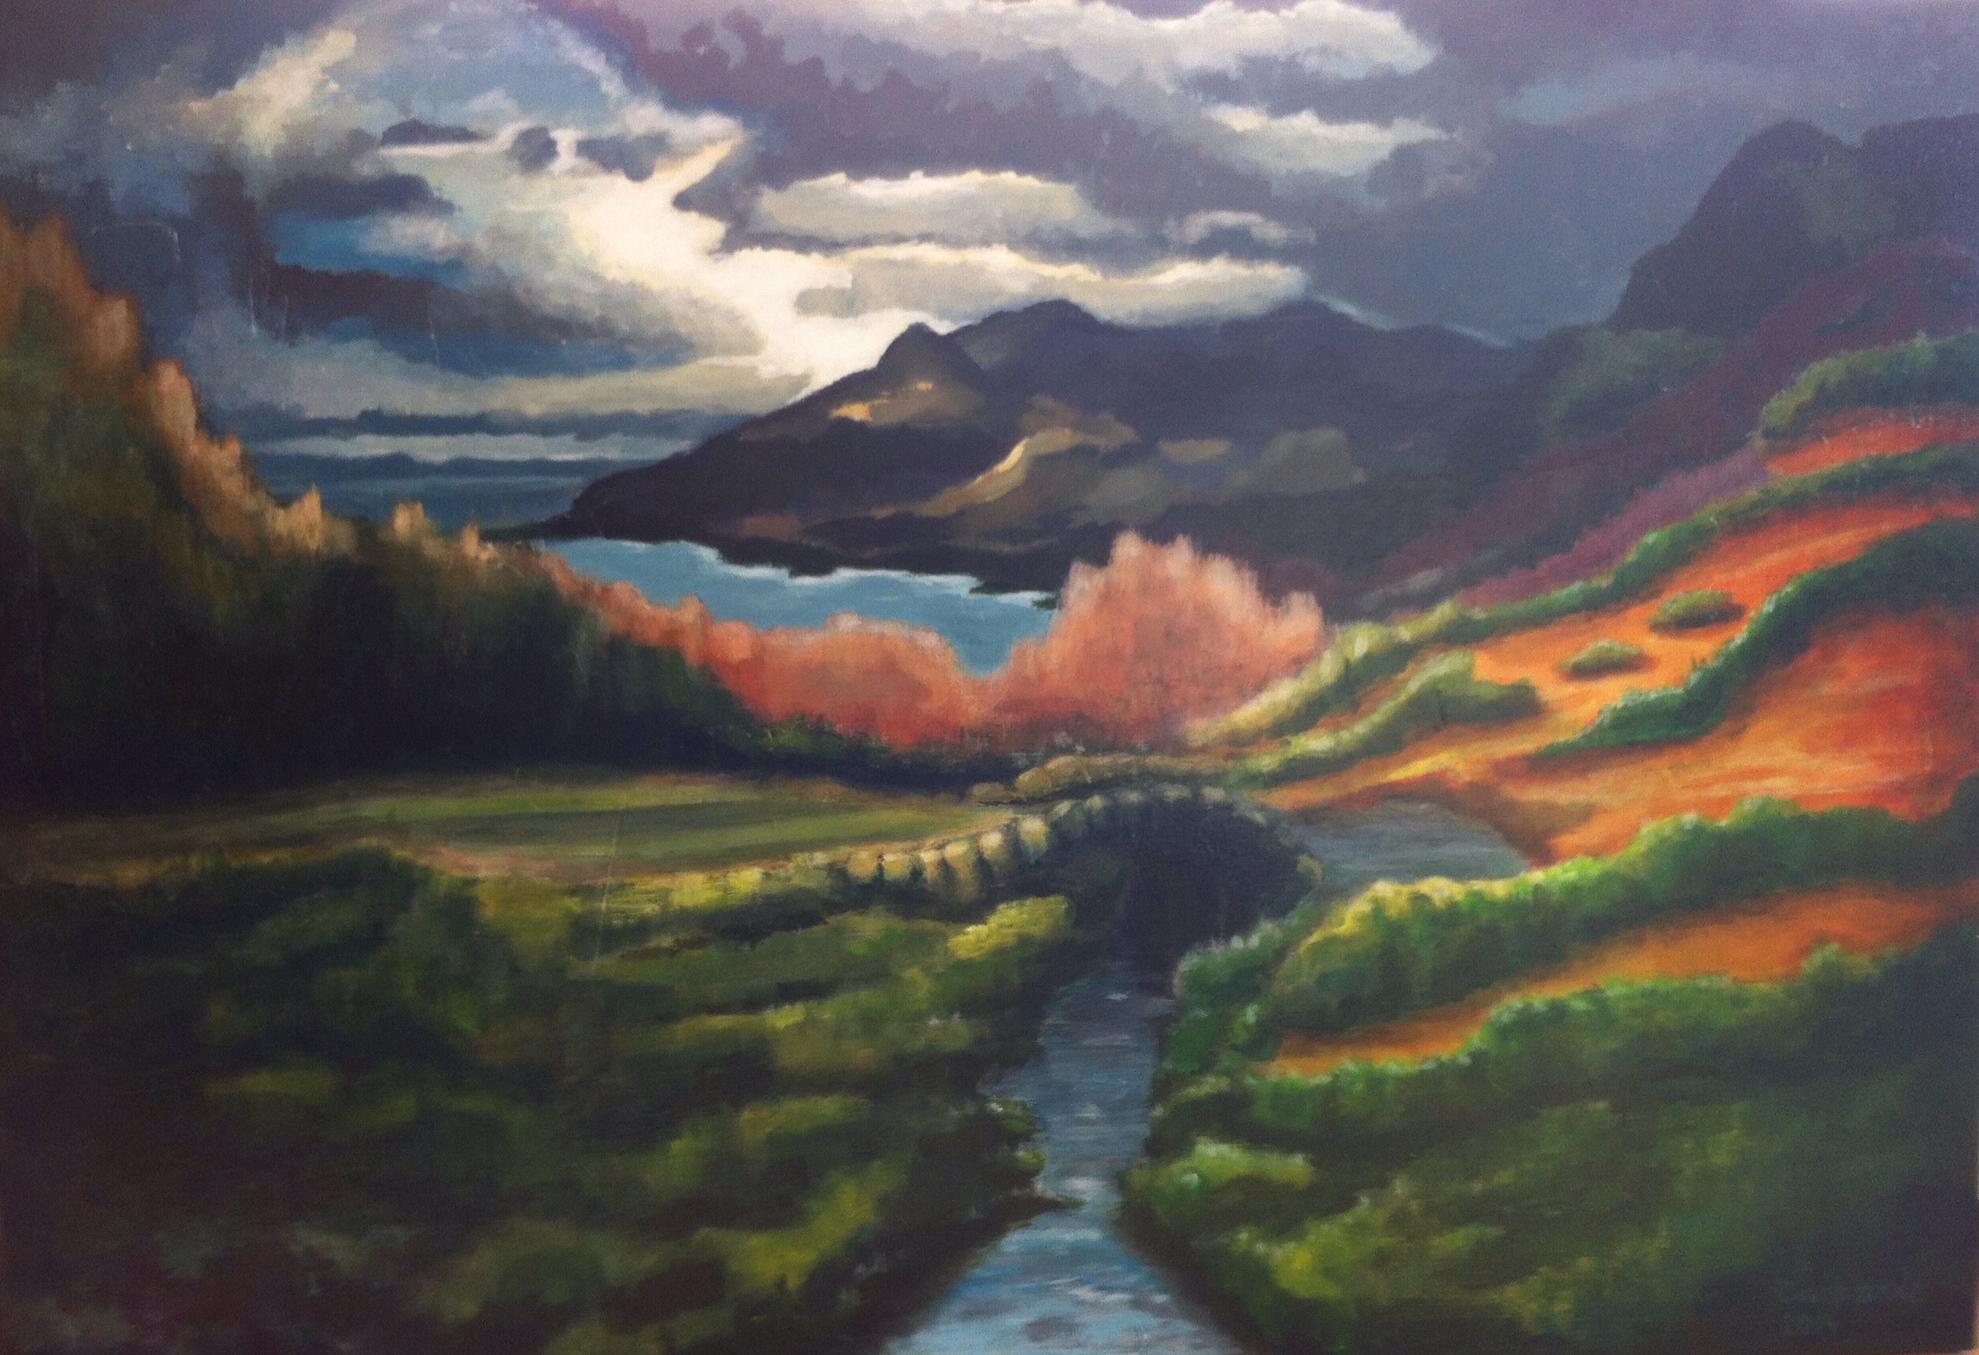 Schotland, acryl op linnen, 60 x 80 cm.